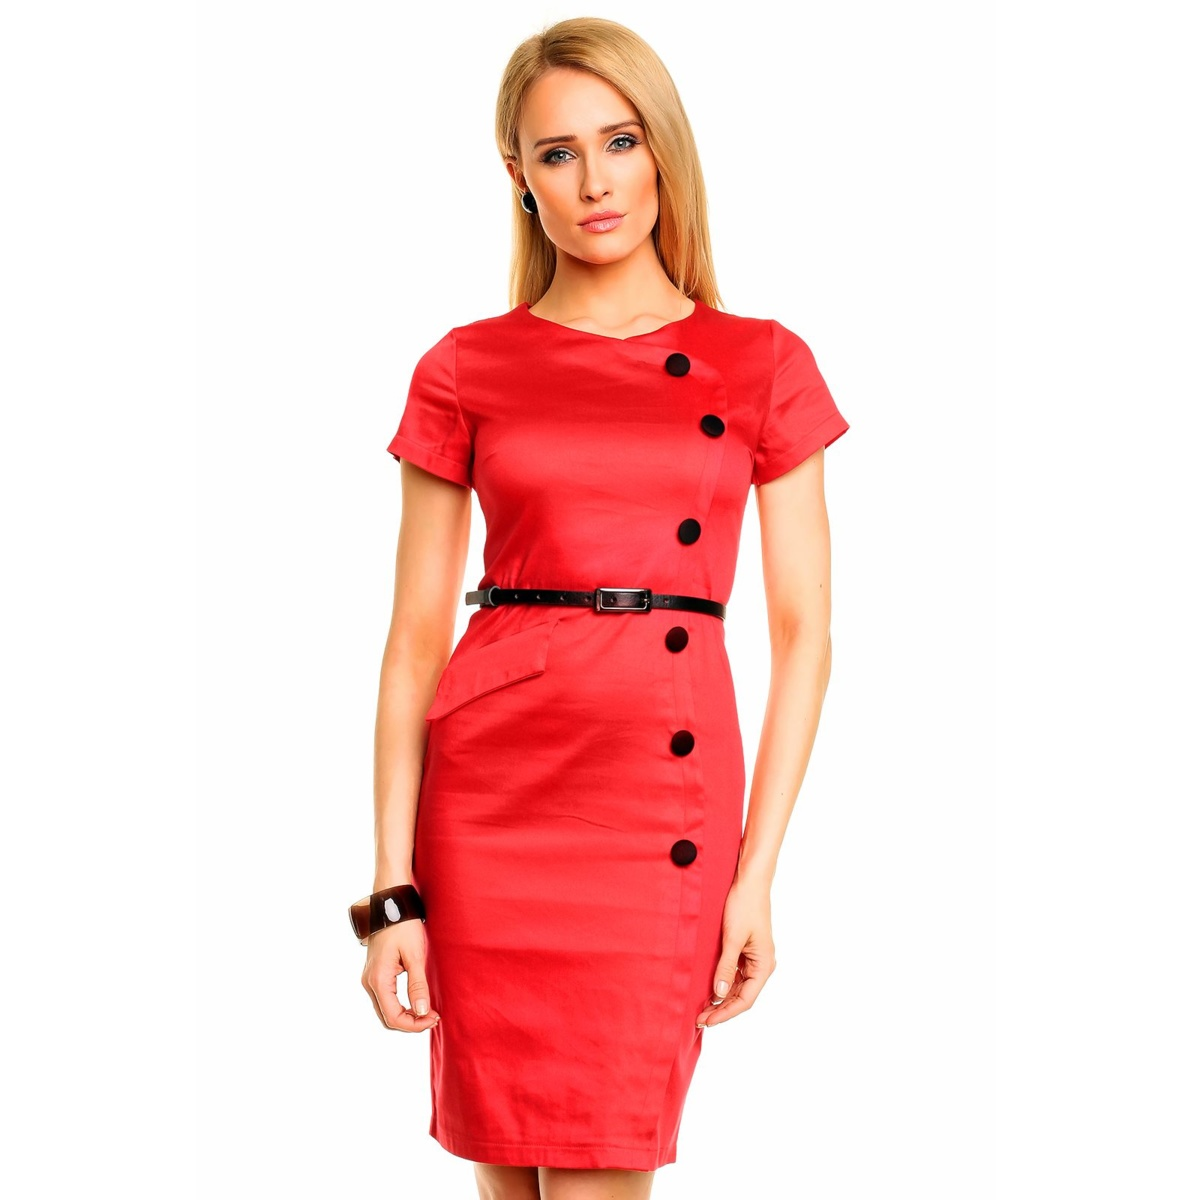 f39ca1428b9 Společenské a casual šaty MAYAADI zdobené knoflíky a páskem červené.  Společenské a casual šaty MAYAADI zdobené knoflíky ...